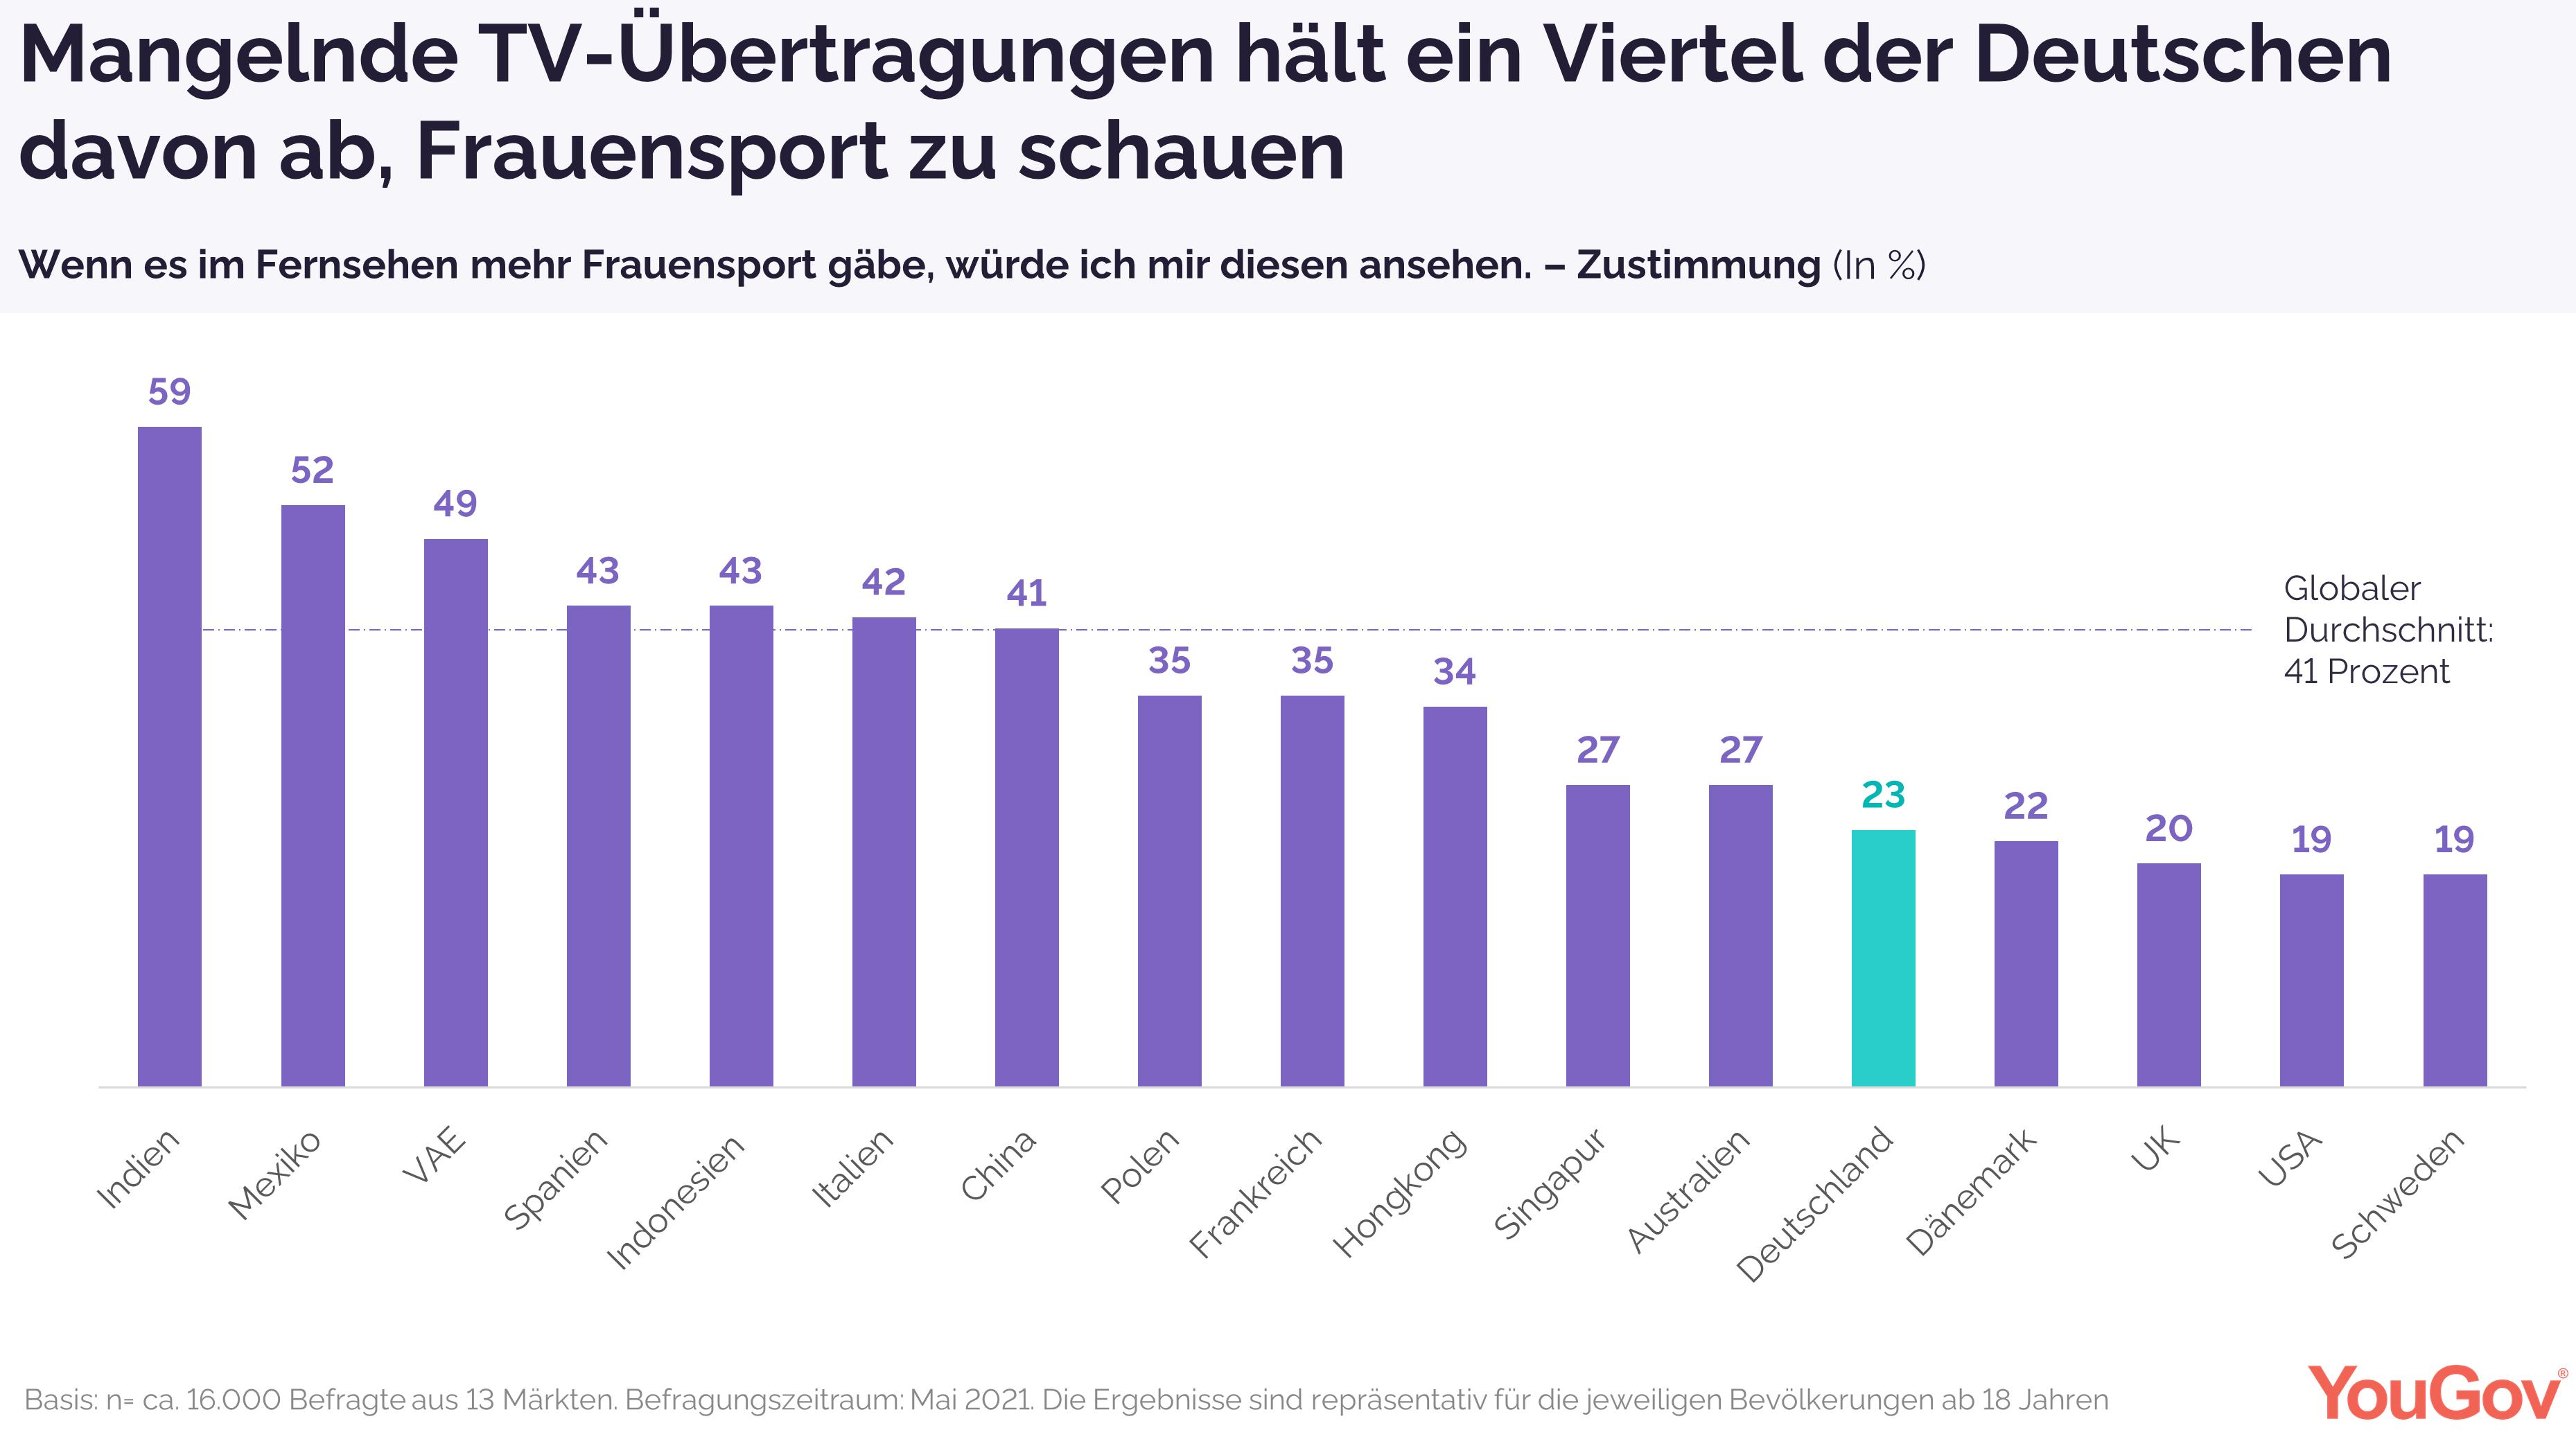 Mangelnde TV-Übertragungen hält ein Viertel der Deutschen davon ab, Frauensport zu schauen